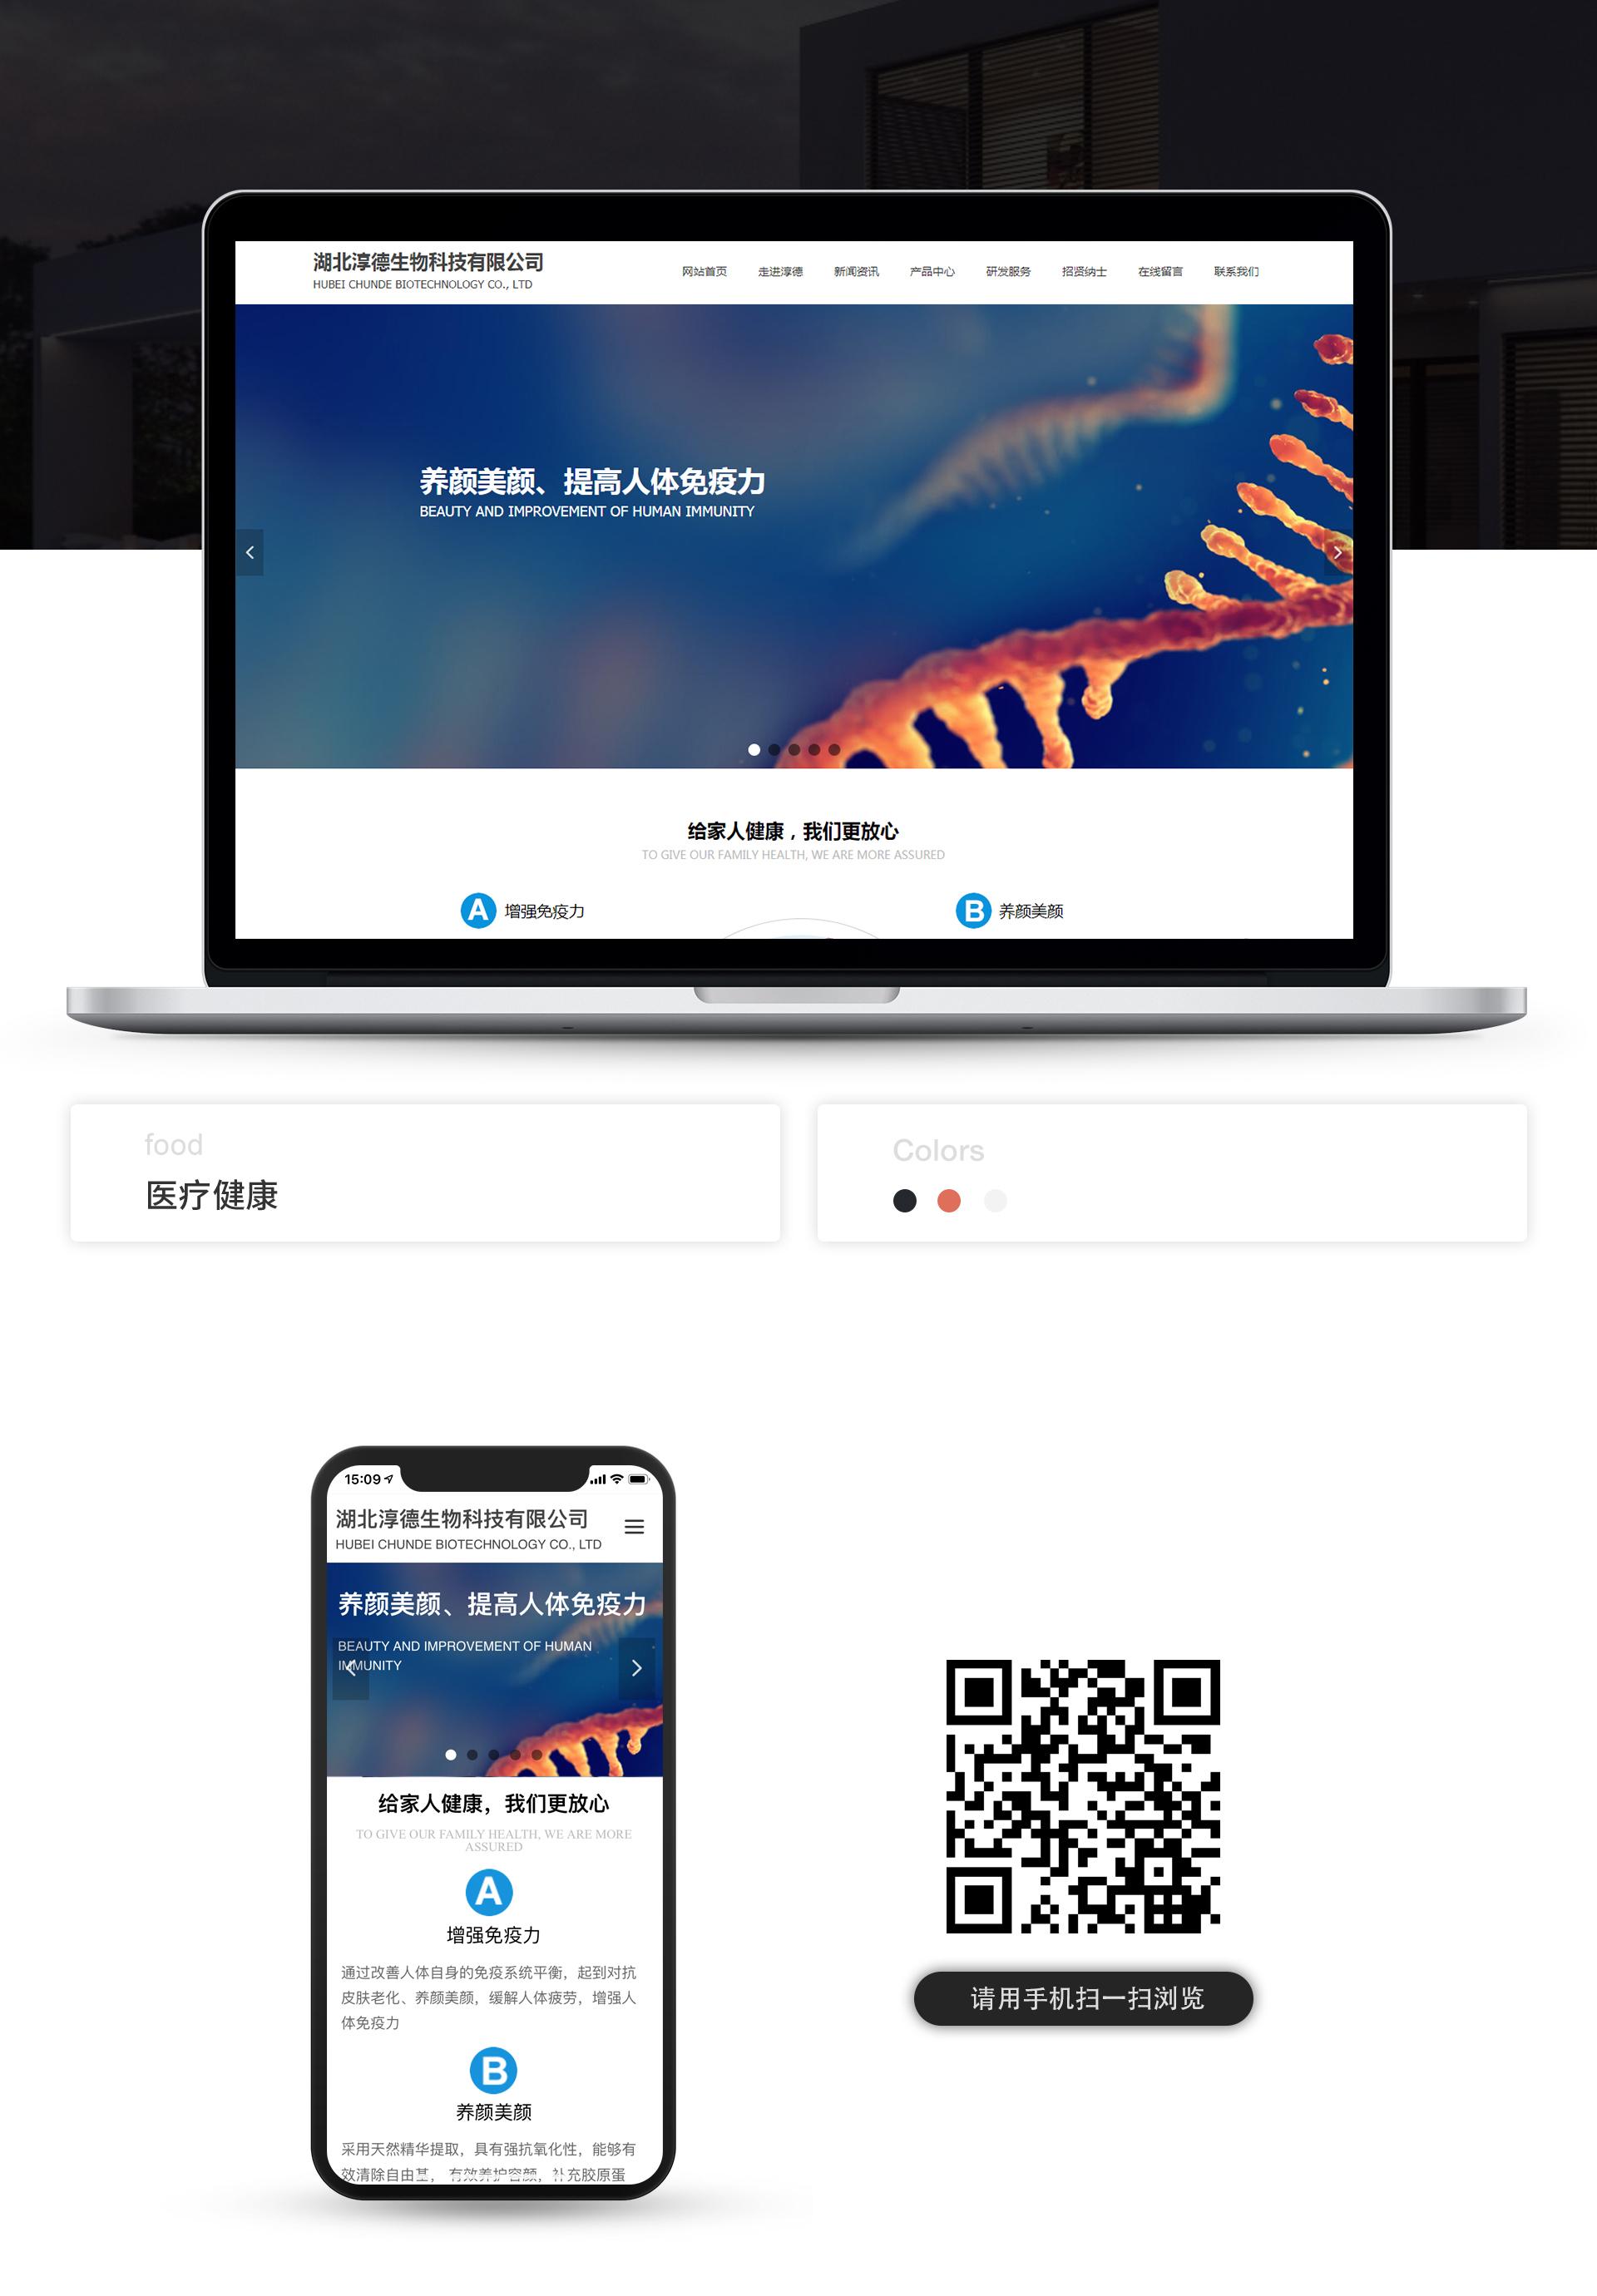 三月份-王衡——湖北淳德生物科技有限公司_01